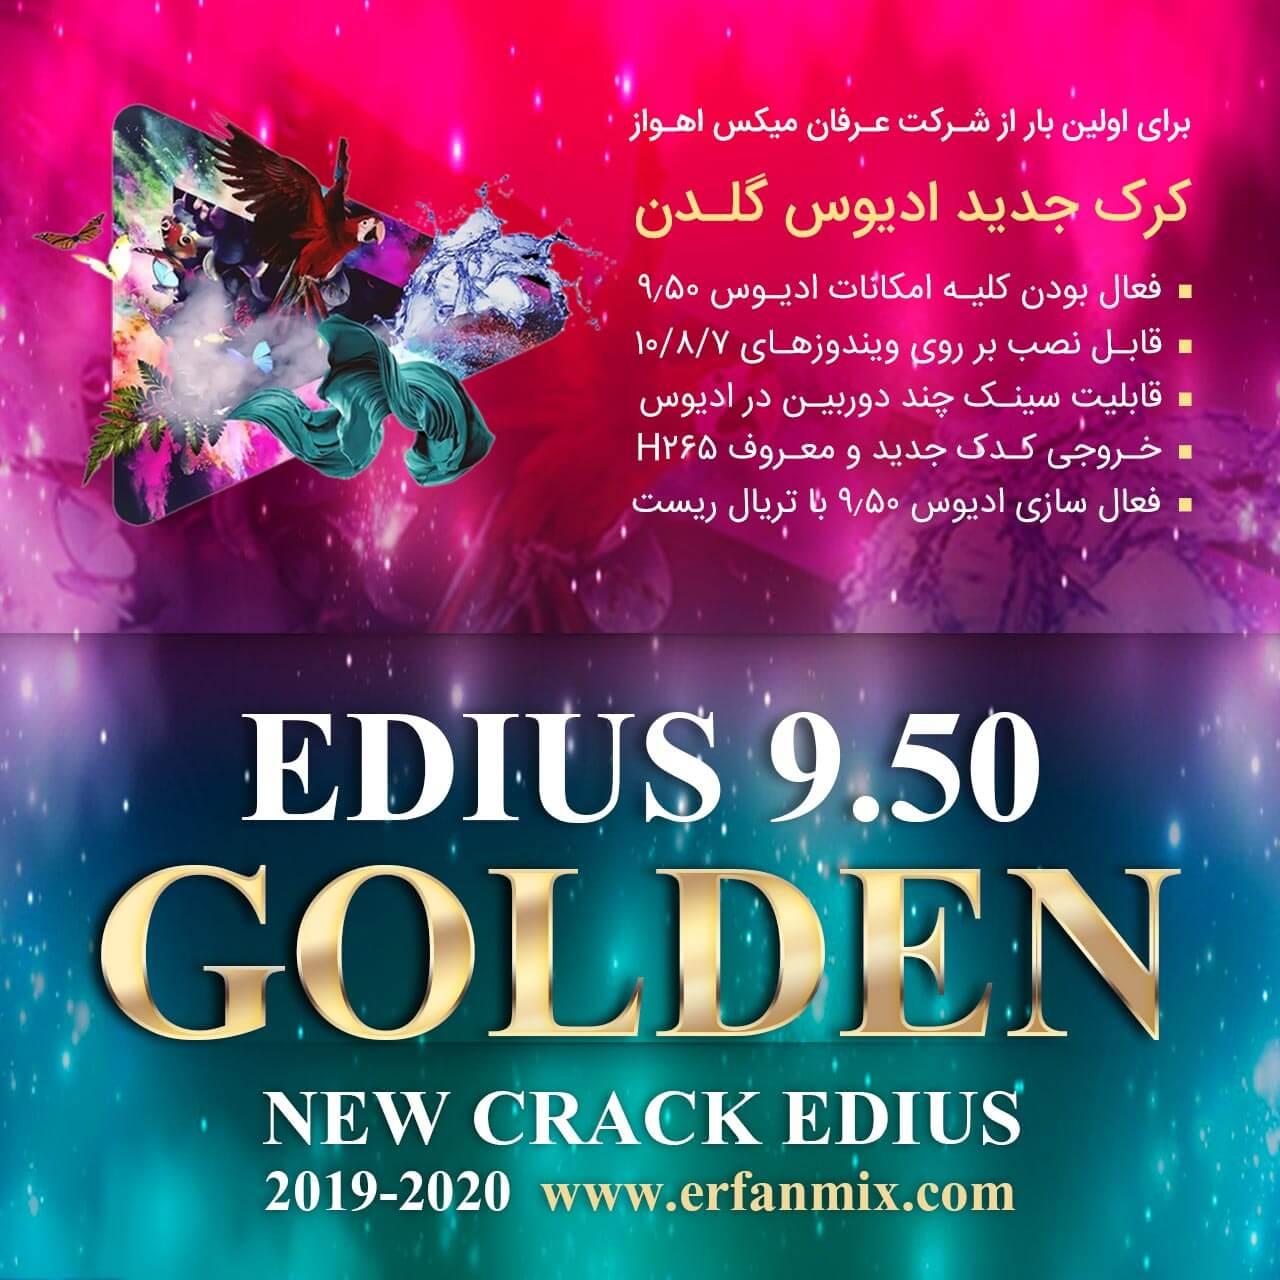 کرک جدید ادیوس 9.50